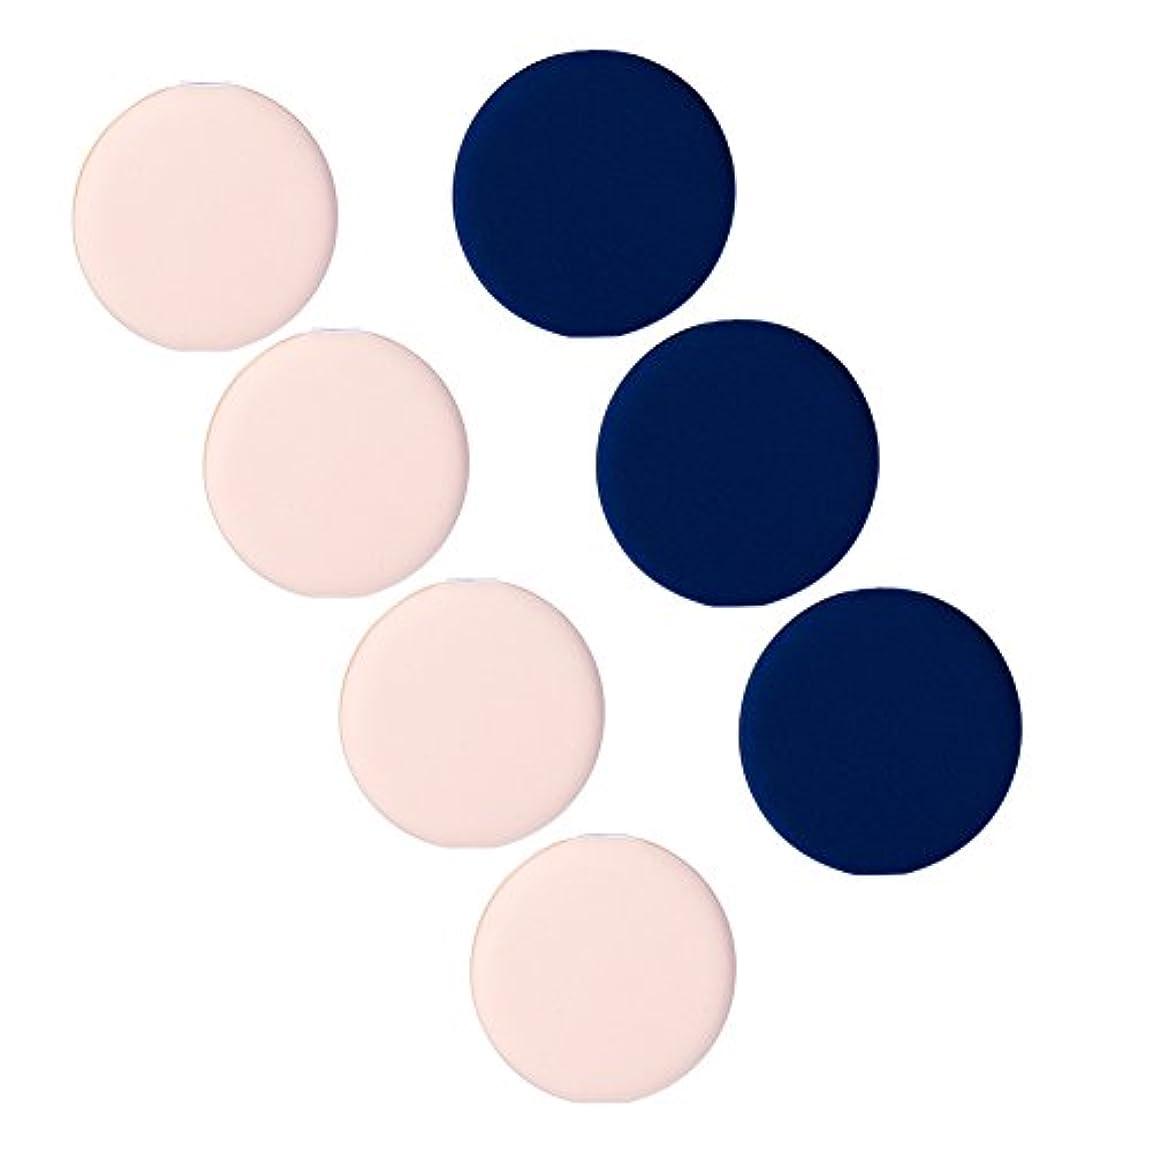 累積誓う疎外する7個/セット ミニメイクアップ  パウダーファンデーション BBクリームエアクッションパフ  化粧品用具